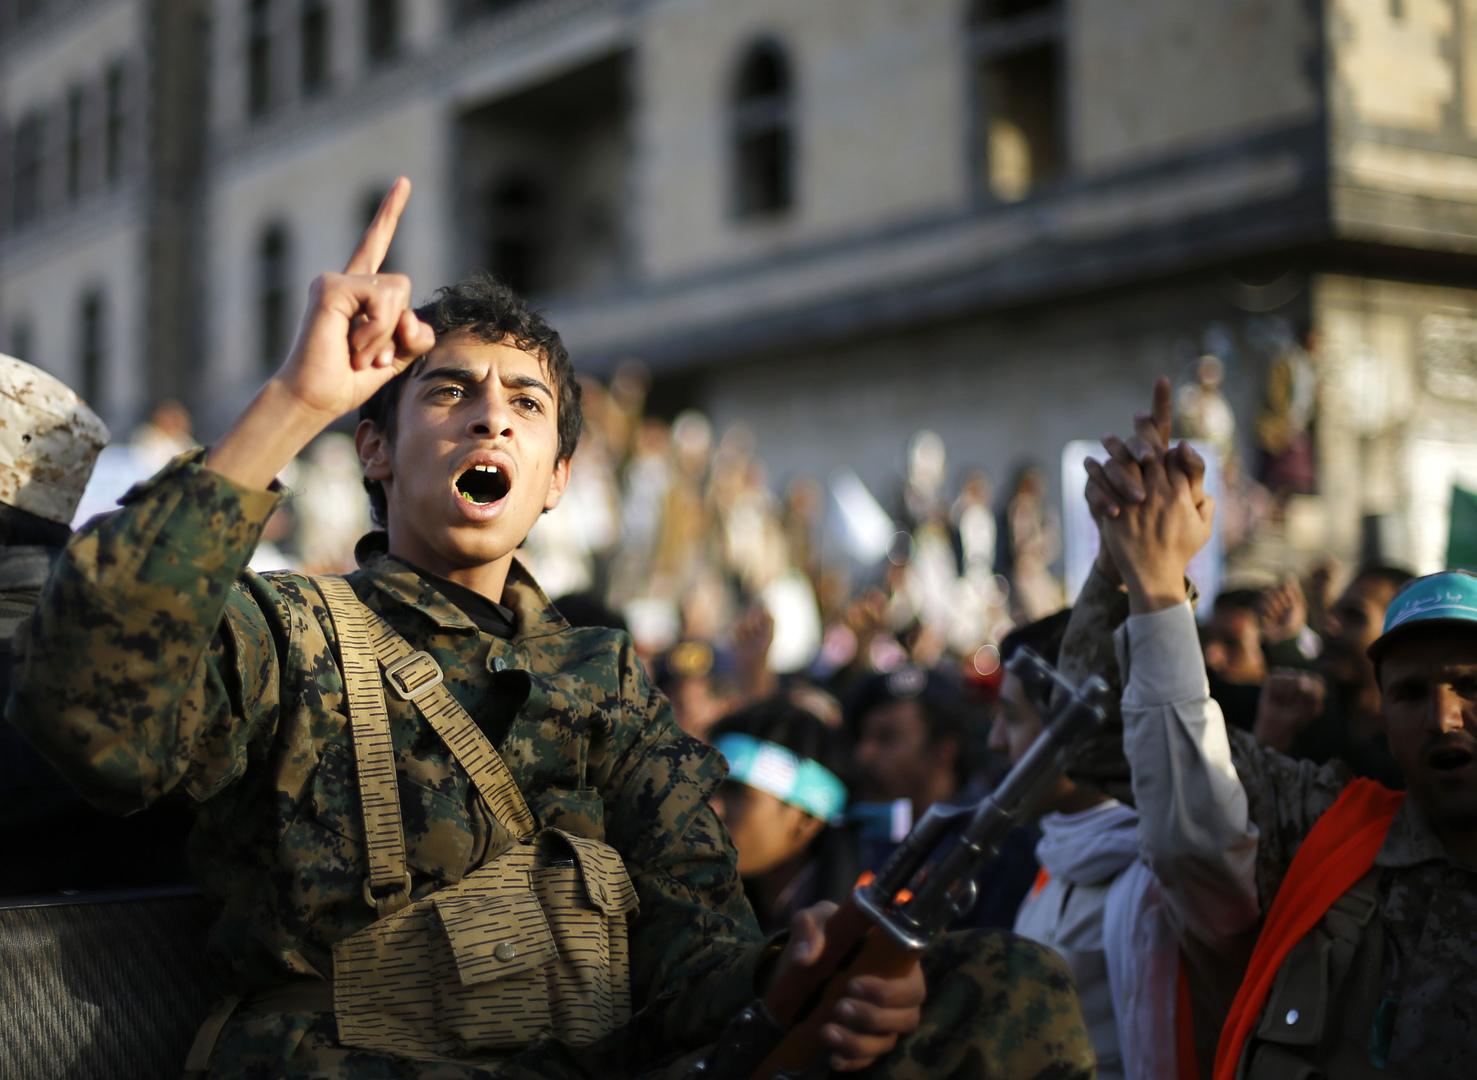 الحوثيون: غريفيث يشارك في الحصار وأيامه تطوى ما لم يغير سلوكه